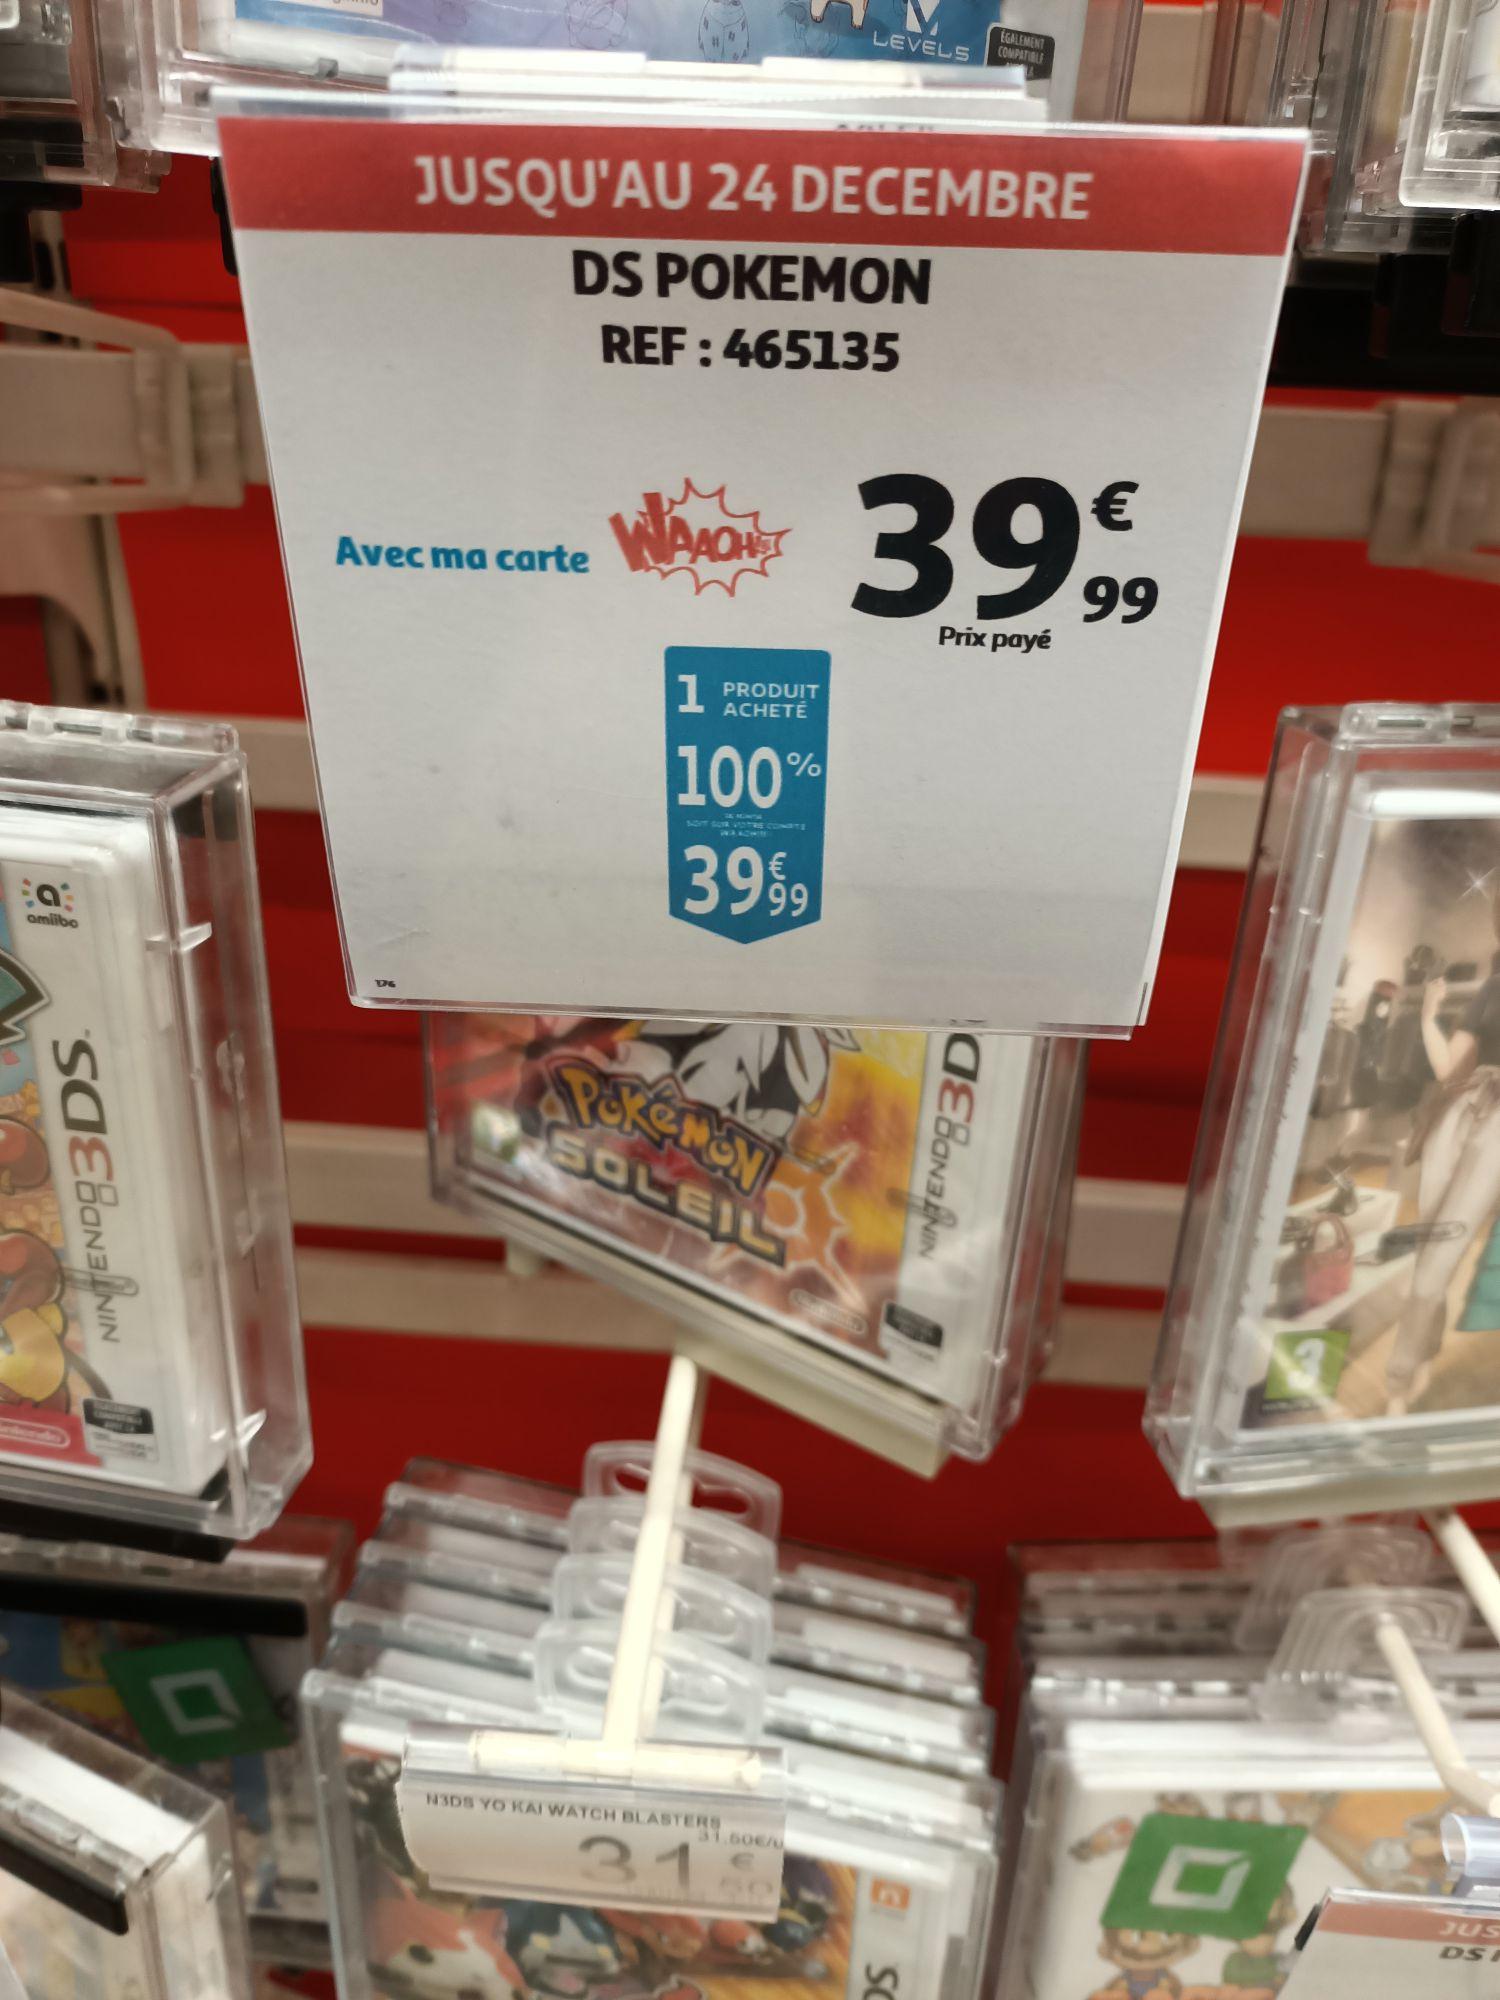 Sélection de jeux vidéo gratuits (100% remboursés sur la carte de fidélité) - Ex : Pokémon: Soleil sur 3DS (via 39.99€ fidélité) - Bias (47)